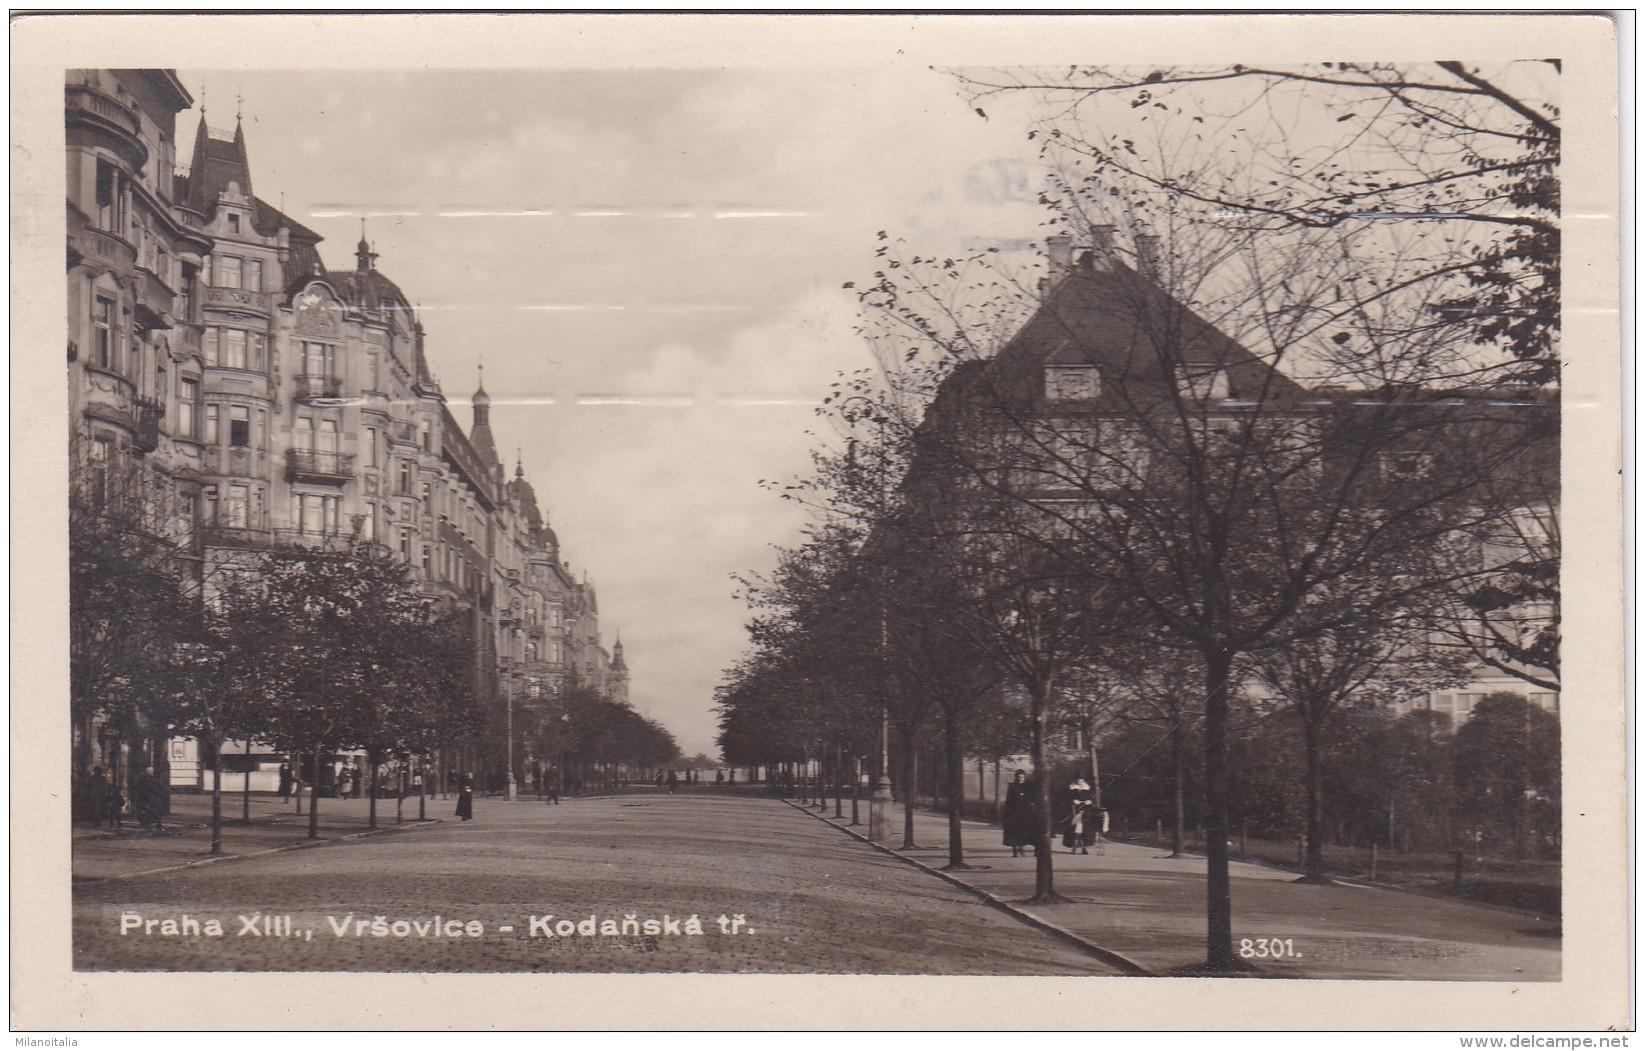 Praha XIII., Vrsovice - Kodanska Tr. (8301) * 30. V. 1932 - Tschechische Republik